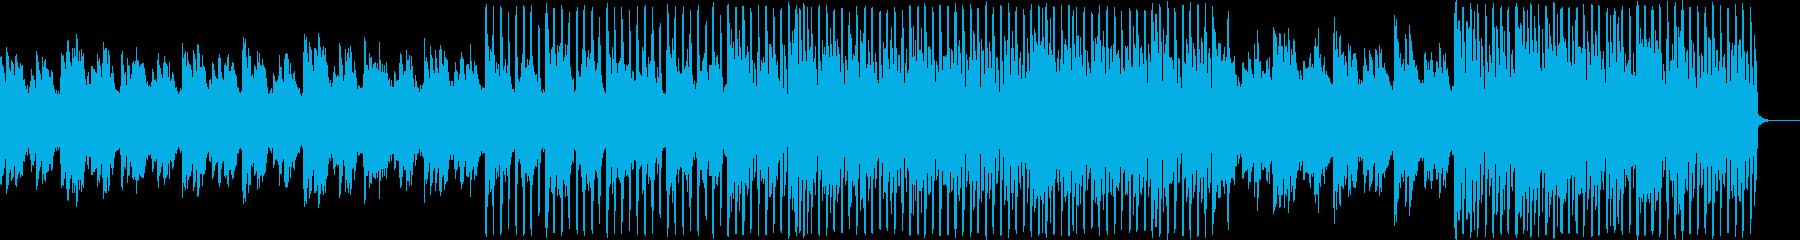 クリーンで誠実なイメージのアンビエントの再生済みの波形